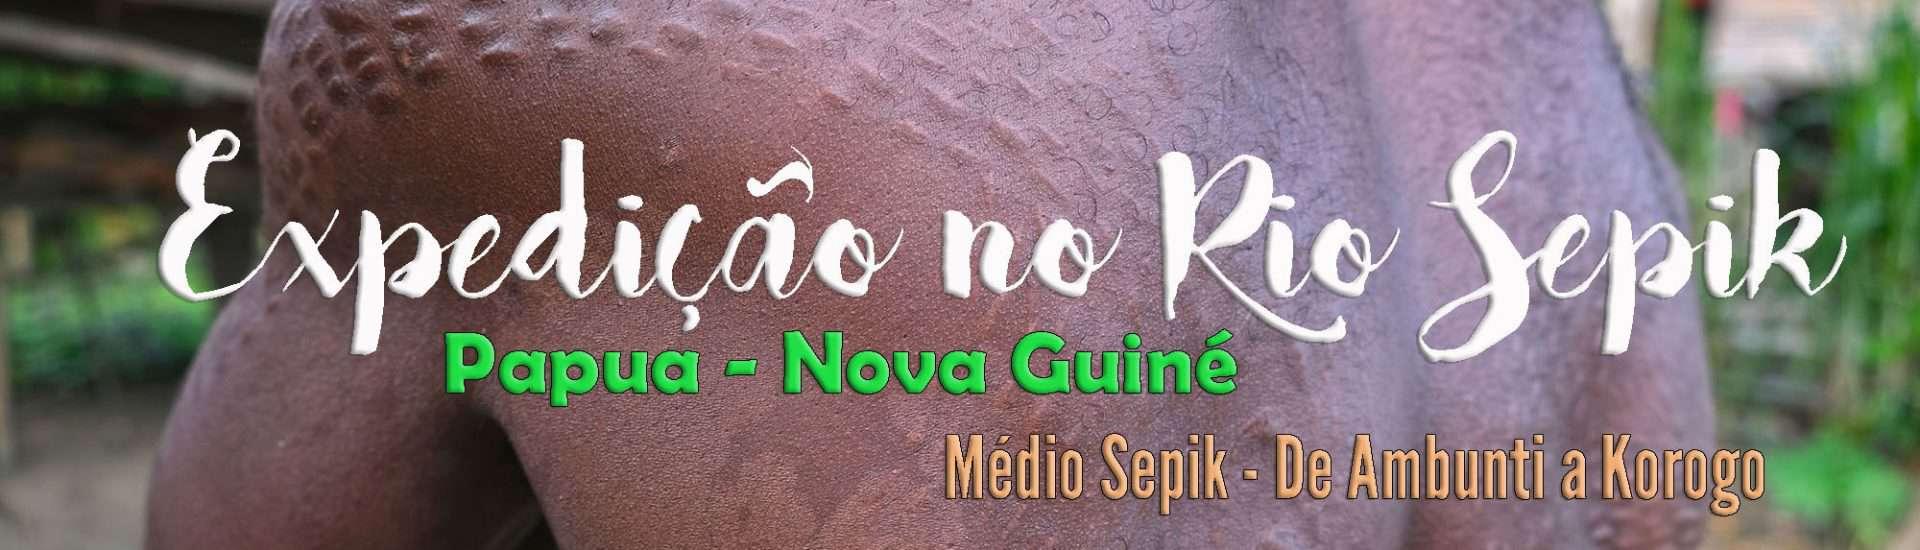 Dias 141 a 144 – MÉDIO SEPIK, a descida do rio Sepik (de Ambunti a Pagwi e Wewak) | Papua Nova Guiné